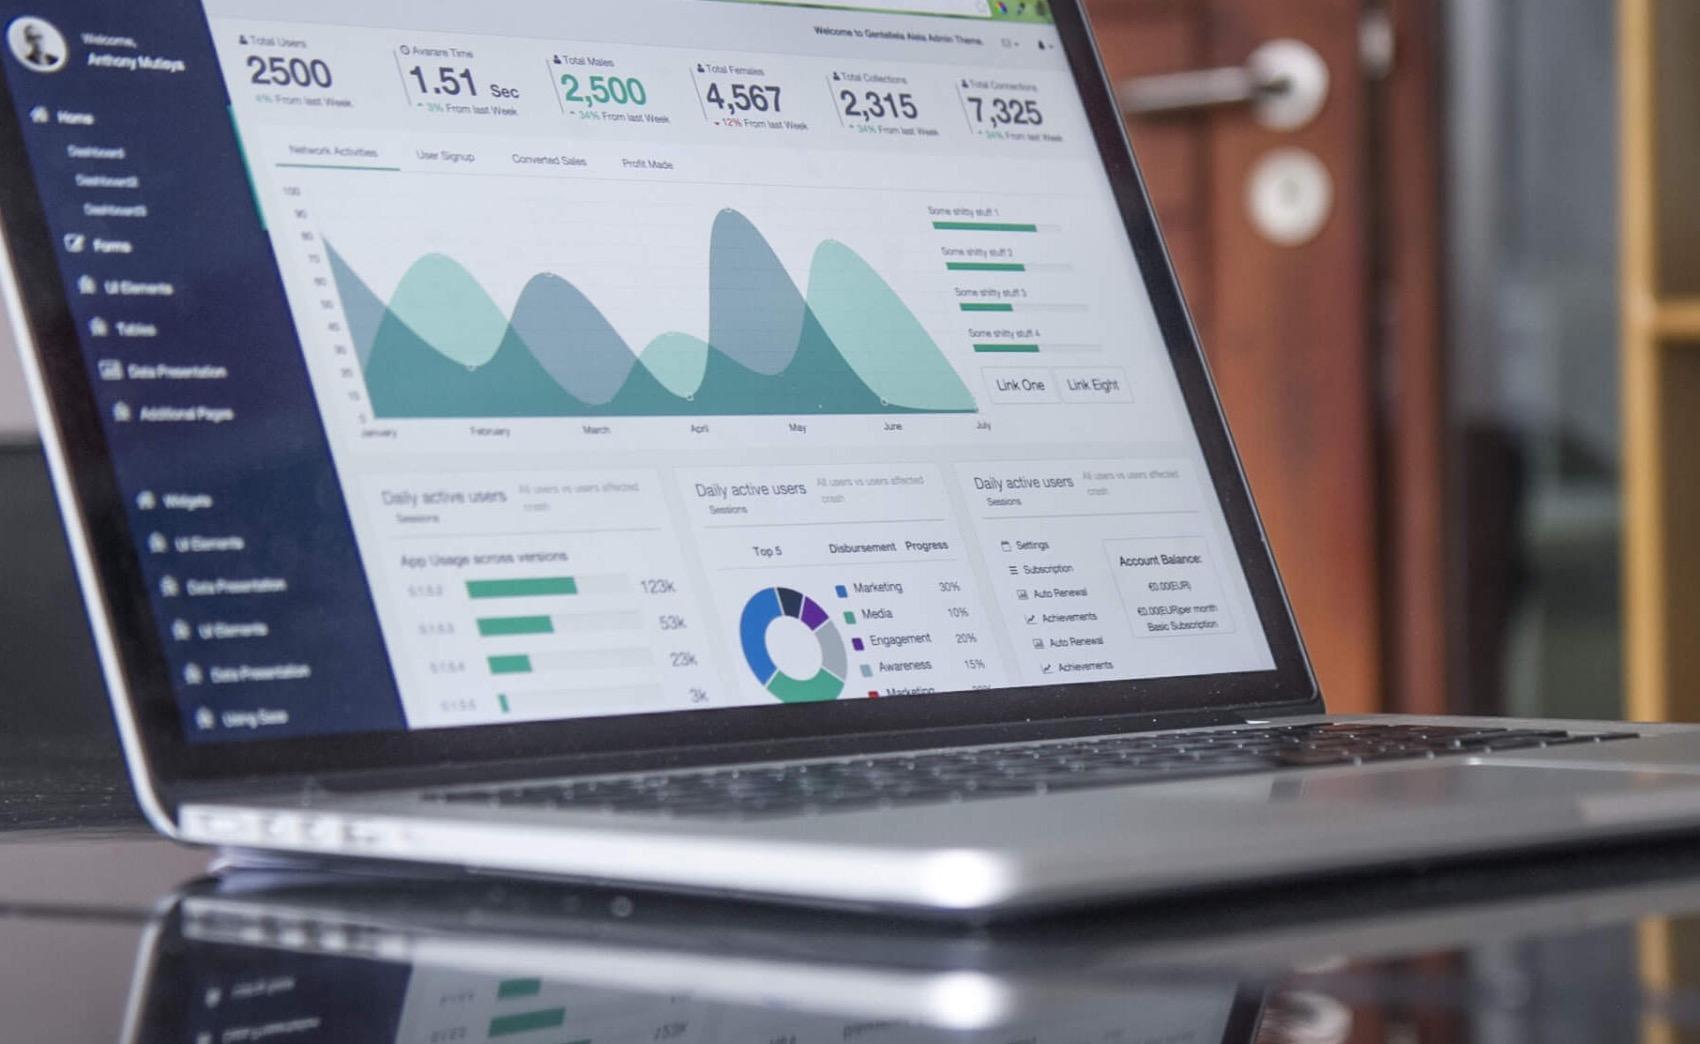 Procurar um contabilista lisboa e encontrar uma empresa de contabilidade no Google nunca foi tão fácil